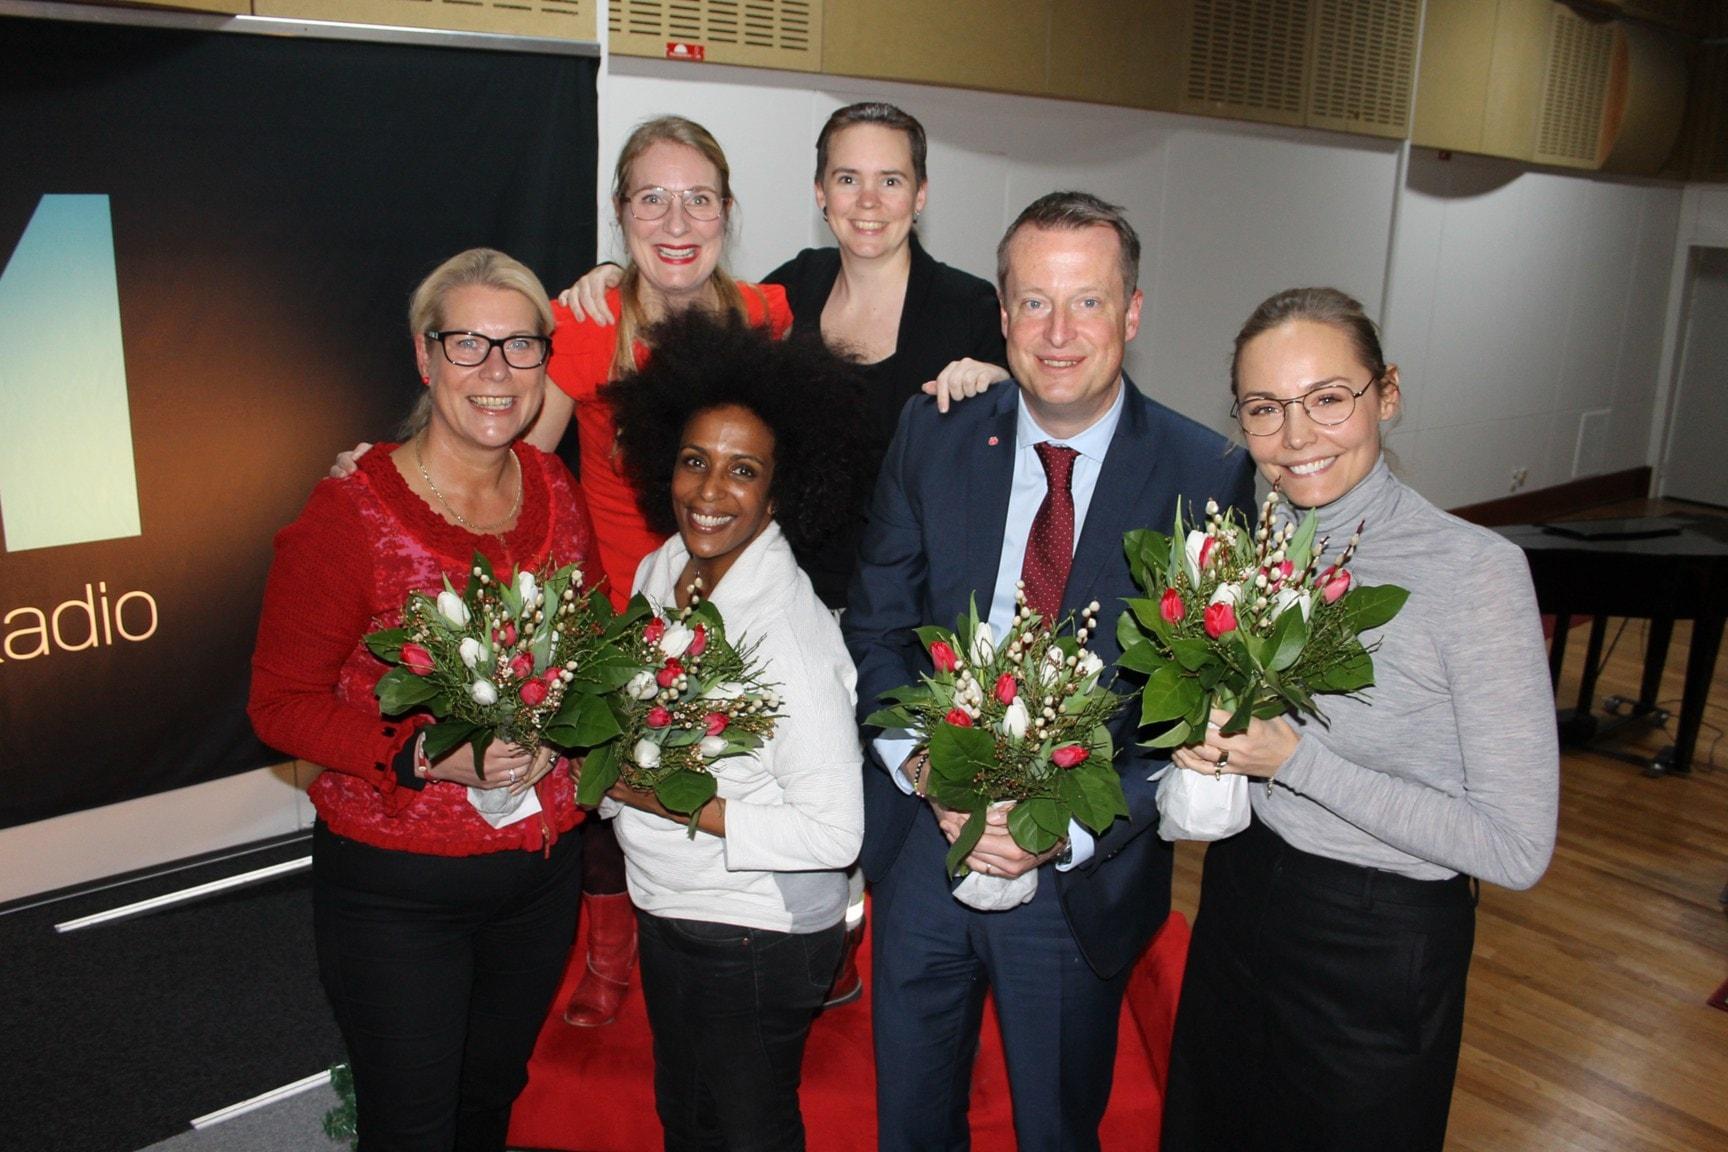 Anders Ygeman, Carina Berg, Catharina Elmsäter Svärd och Marika Carlsson